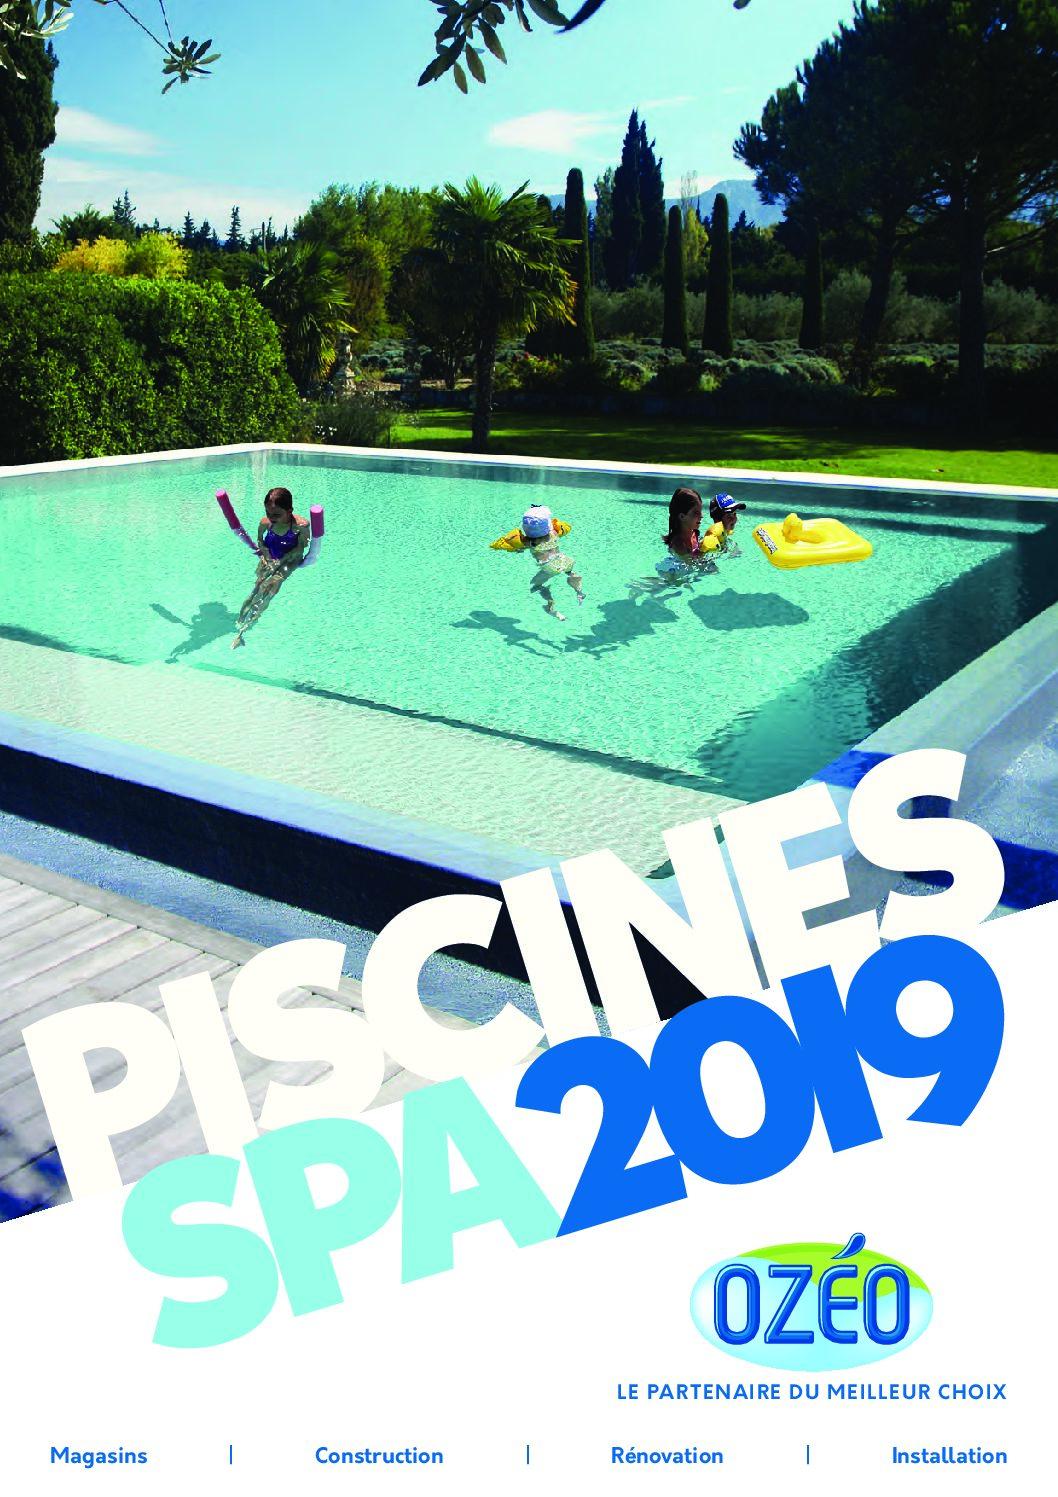 Proxi Piscine - Piscine Et Spa Du Pic Saint Loup - Montpellier avec Piscine St Mathieu De Treviers